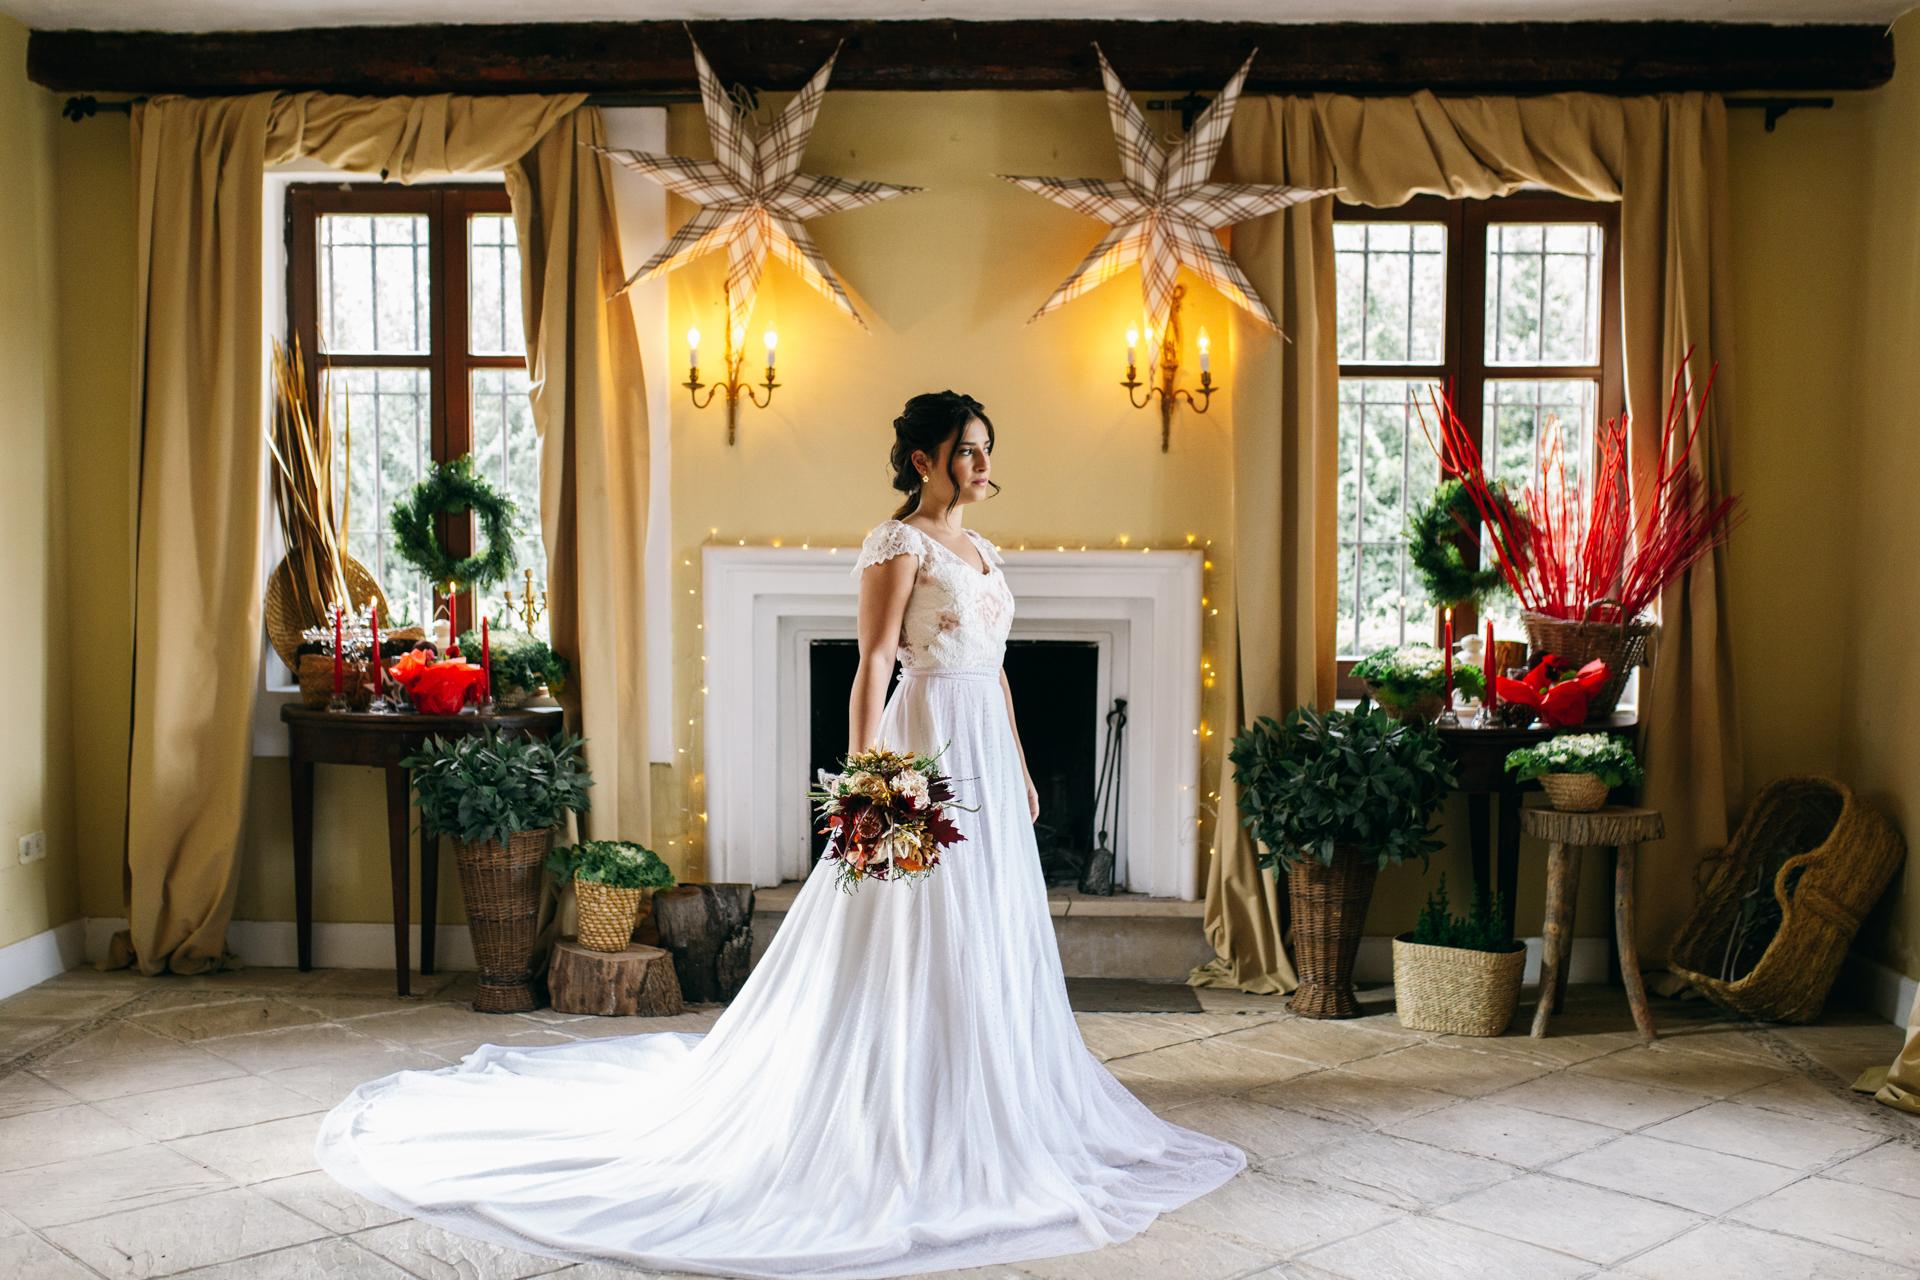 la novia al lado de la chimenea